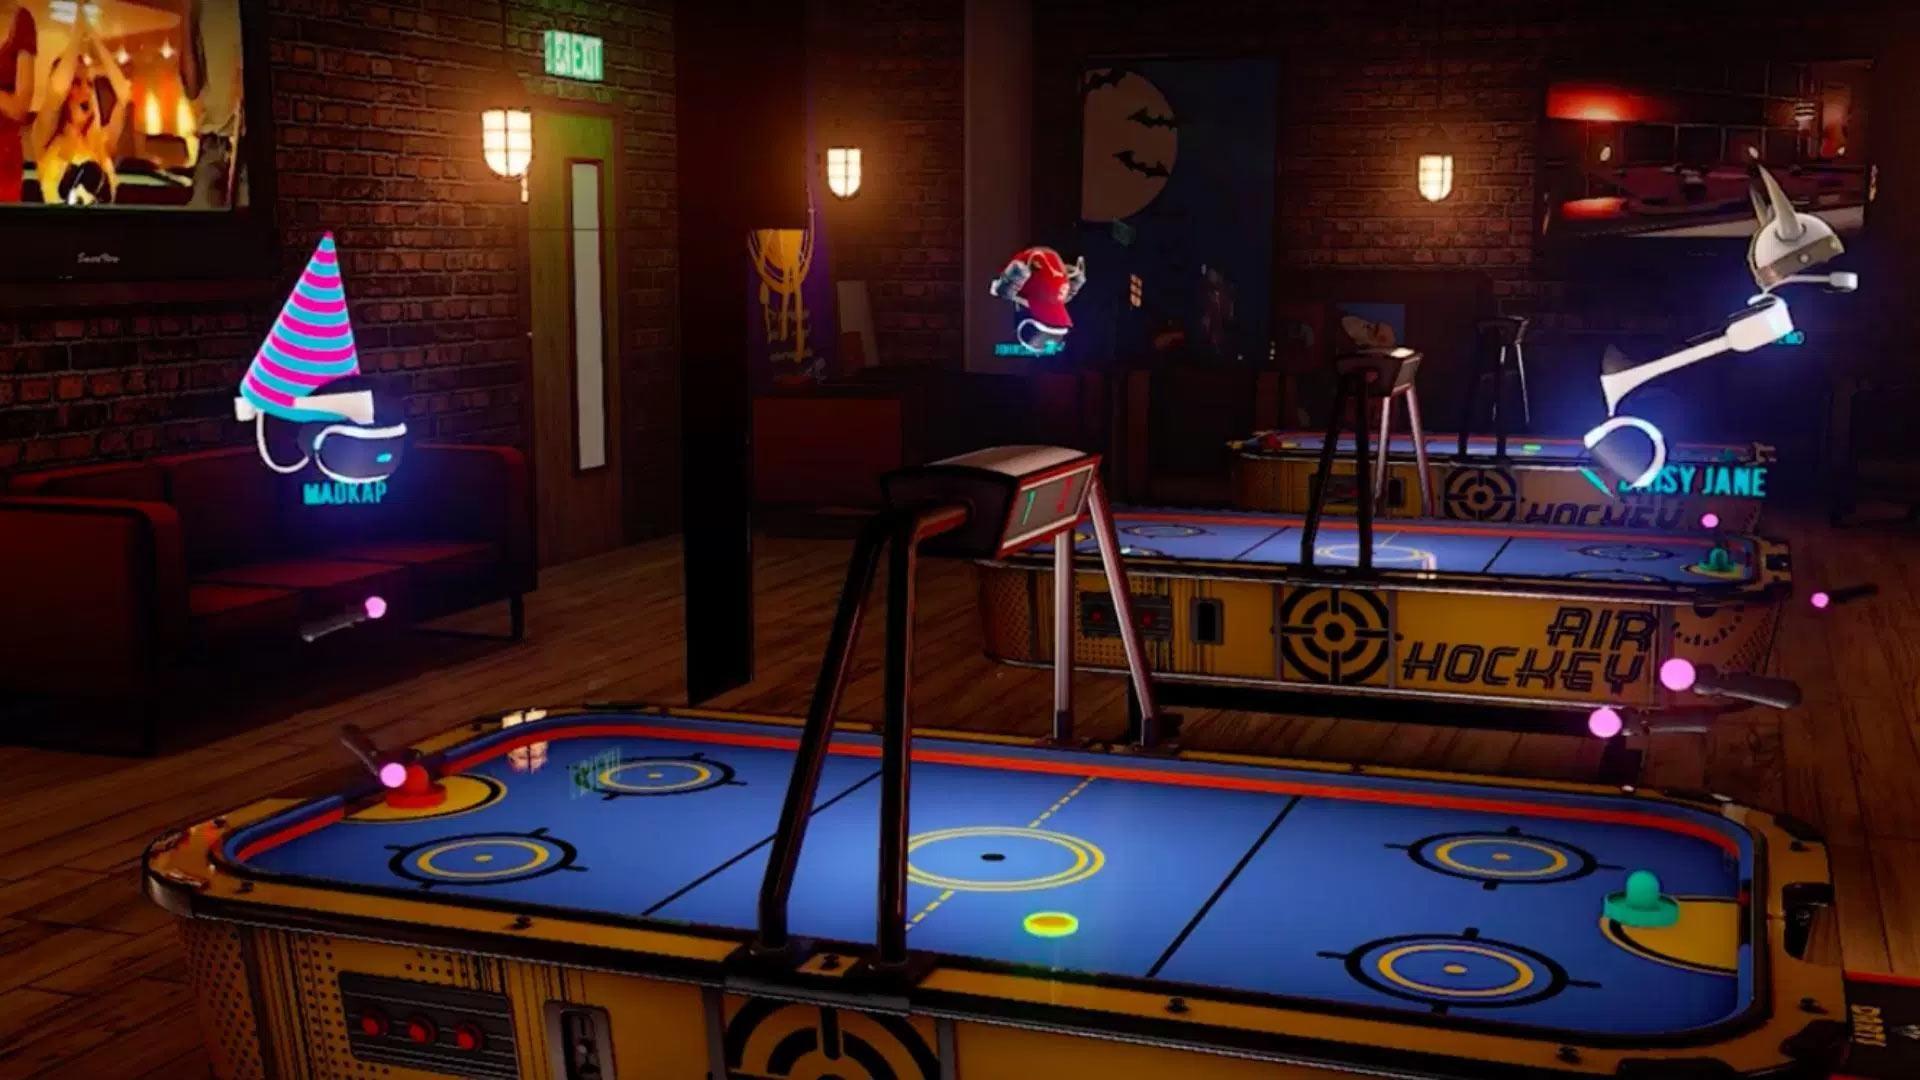 Sports Bar un jeu à l'univers social sur Playstation VR